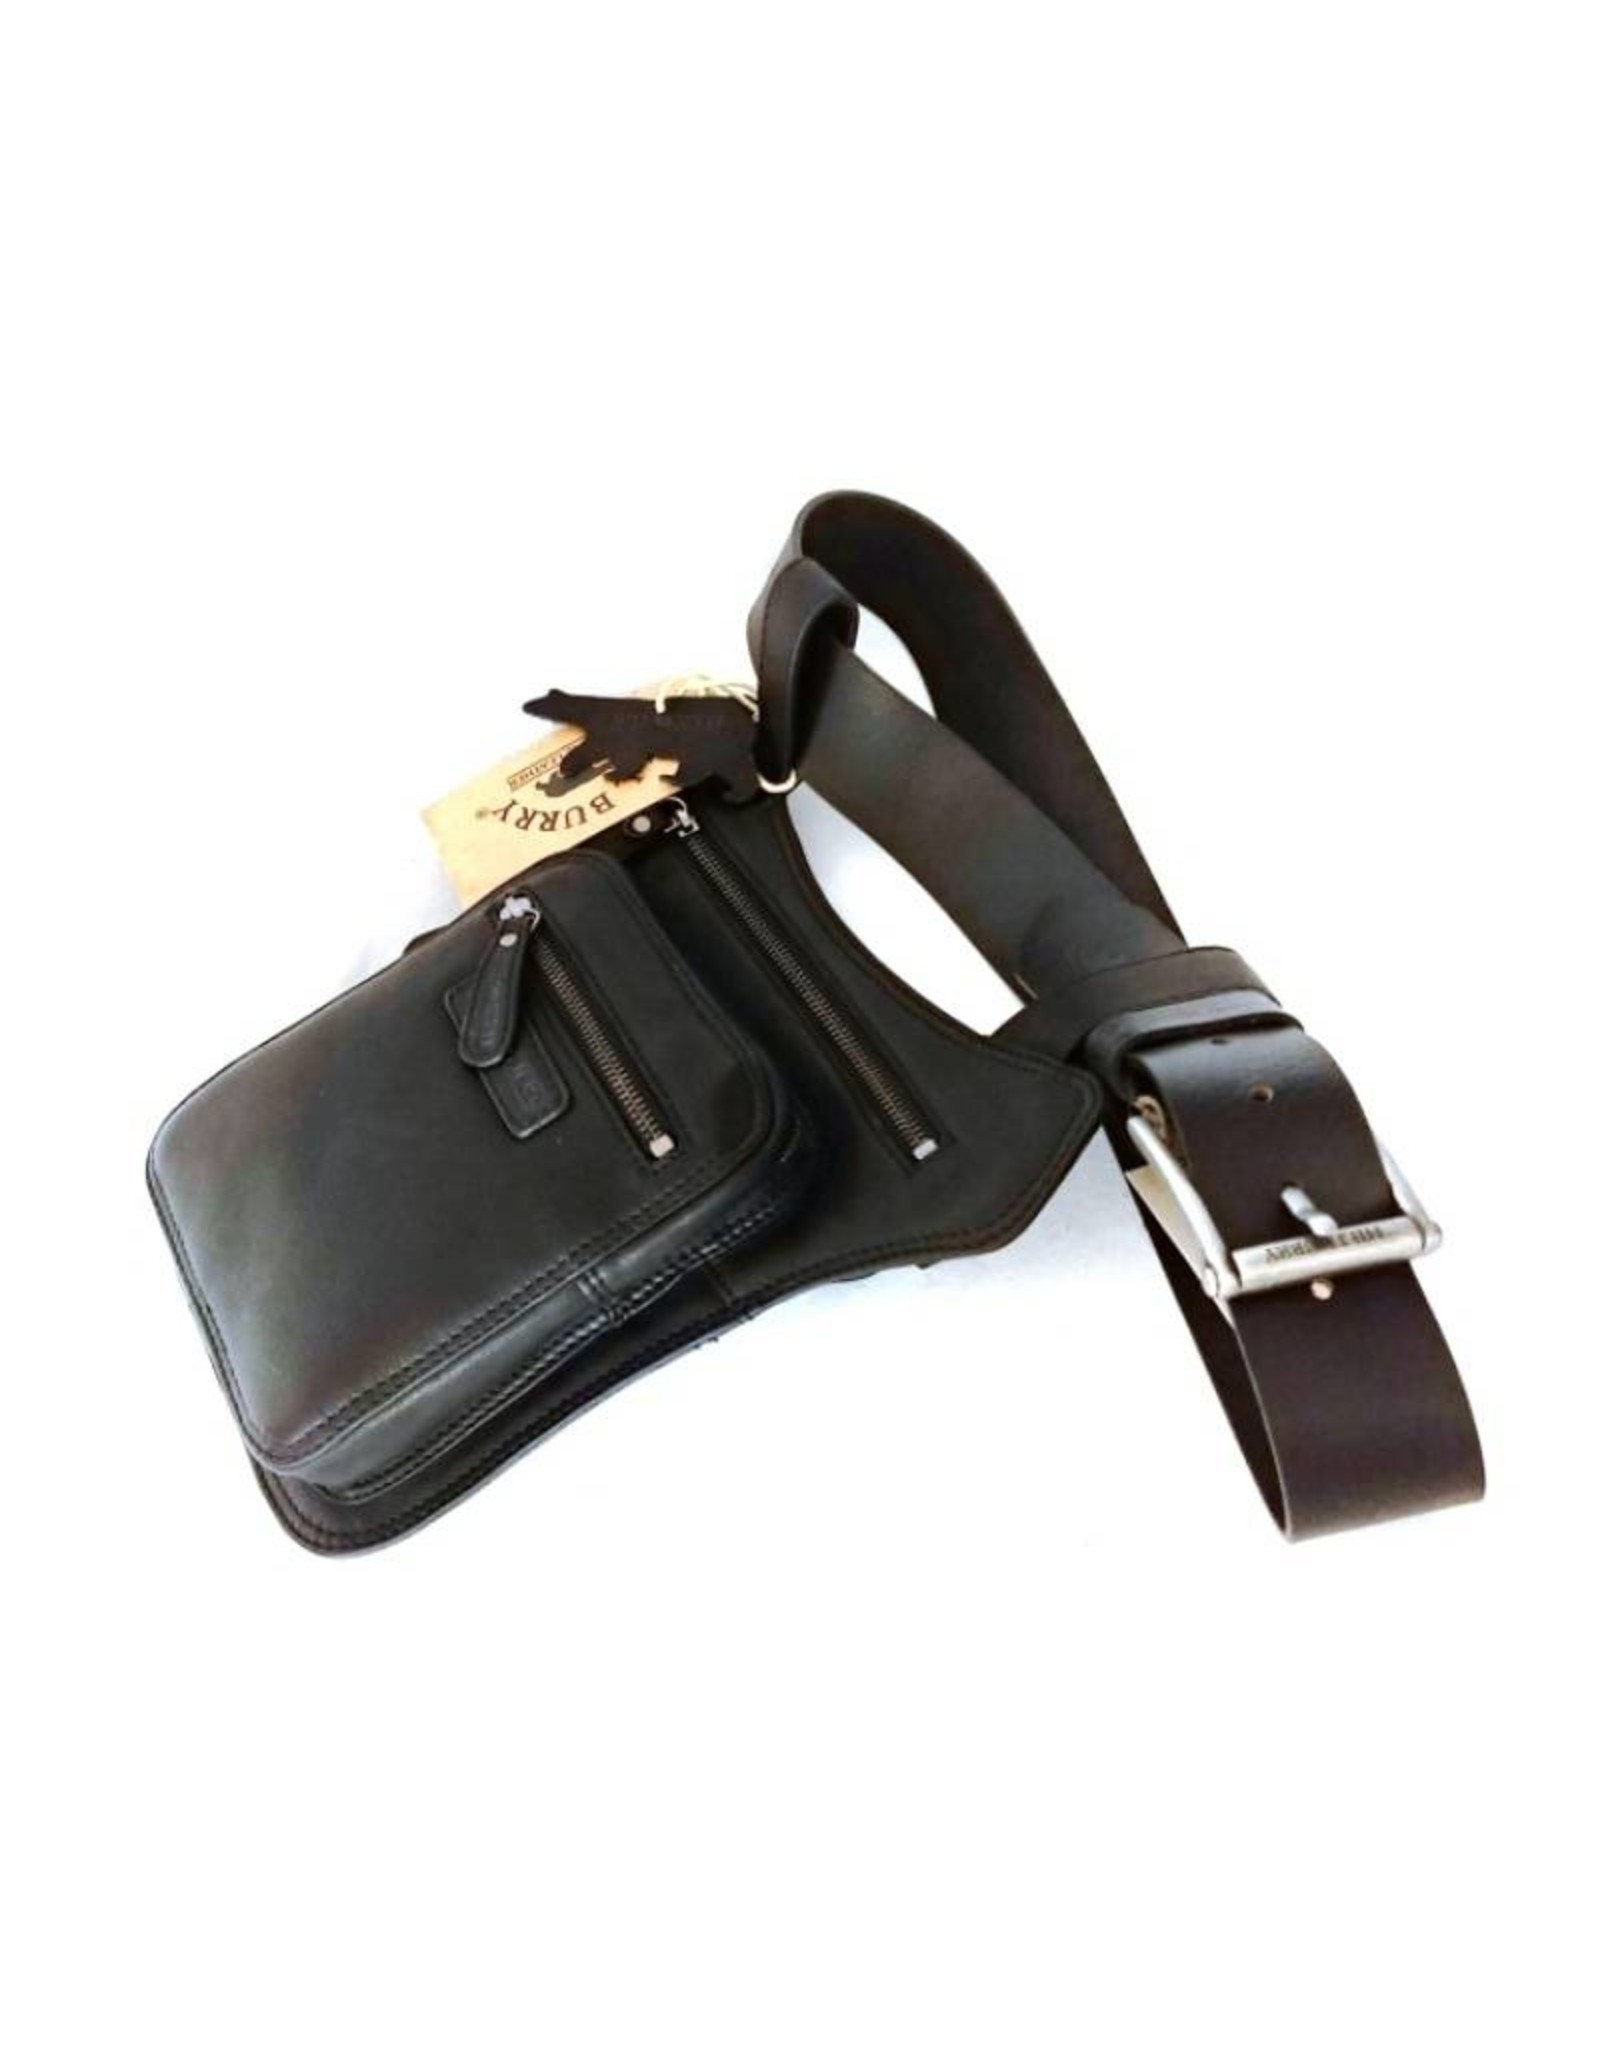 HillBurry Leren tassen - Hillburry leren riemtas zwart 6186